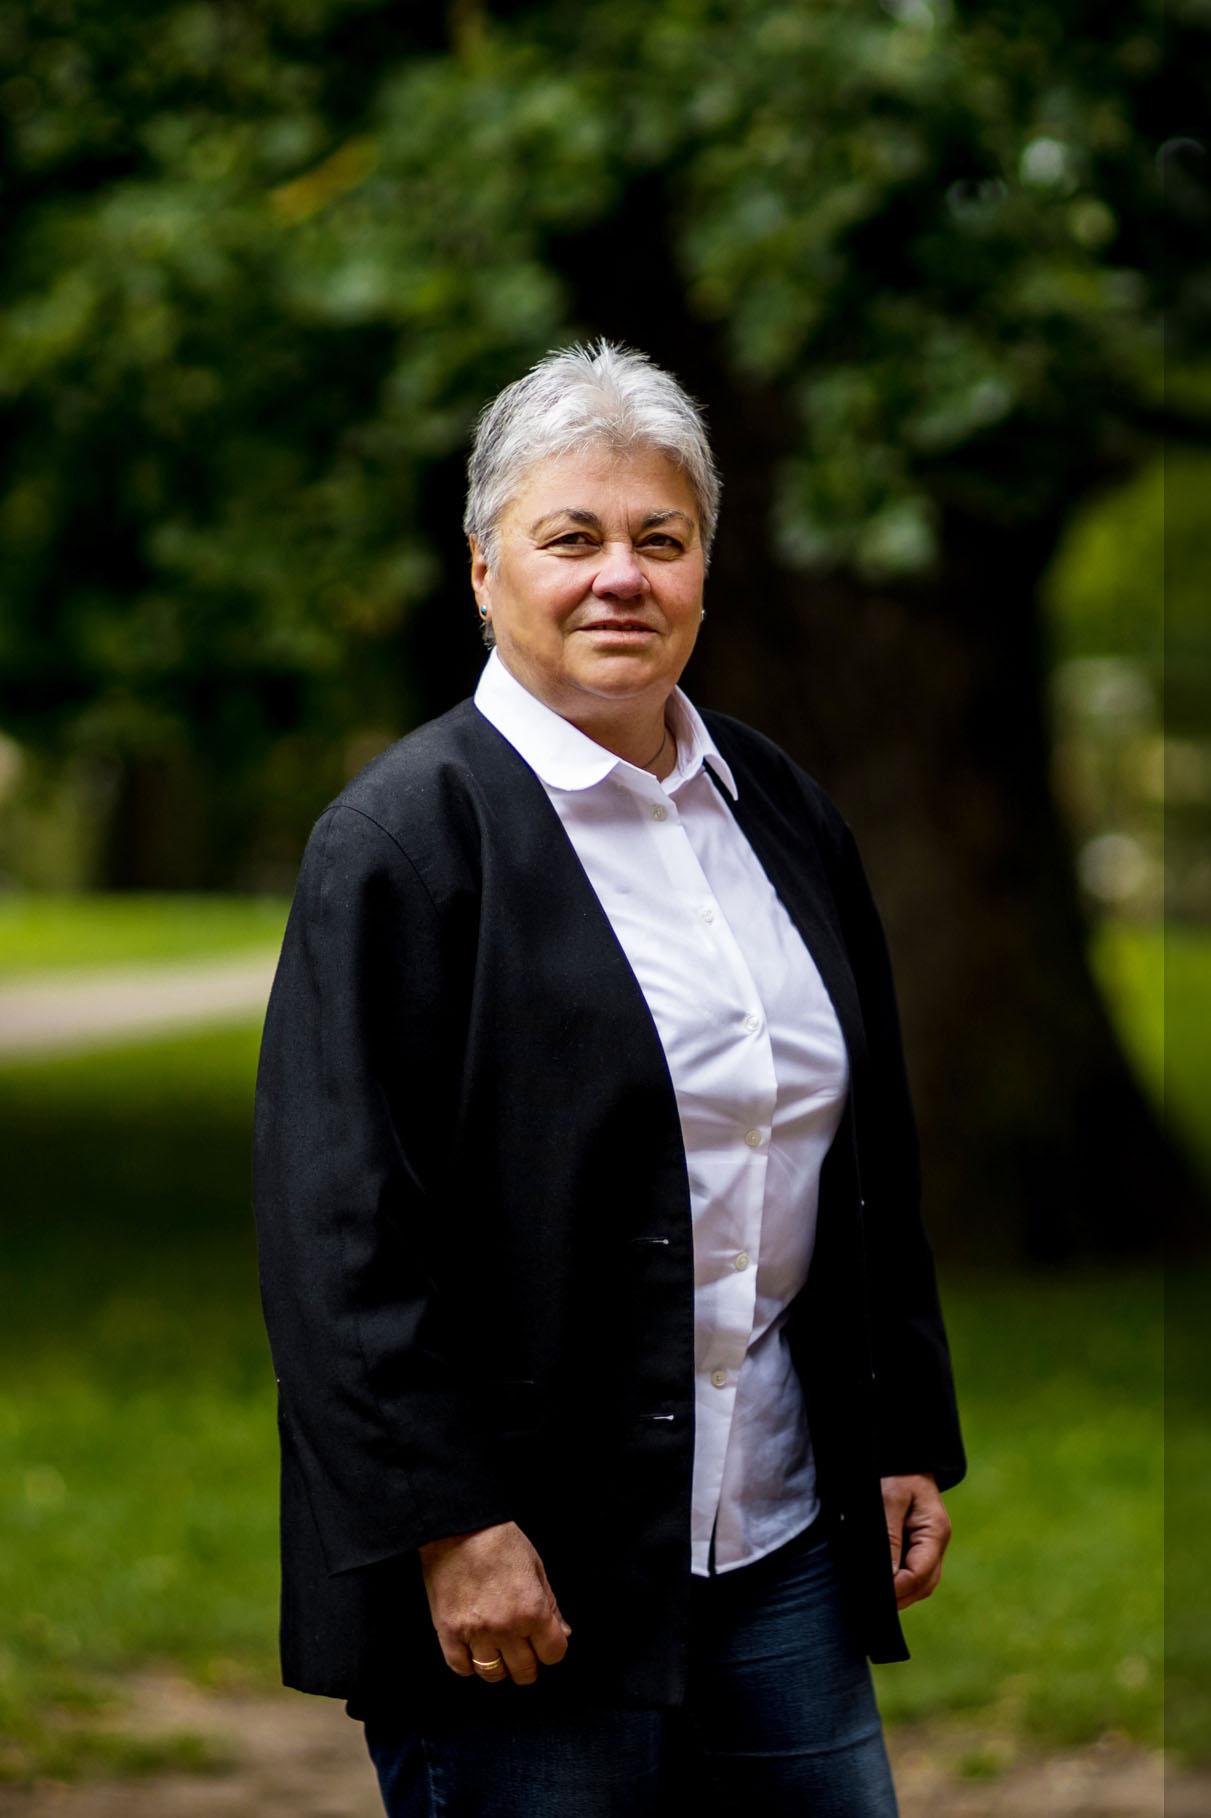 Helga Hethke